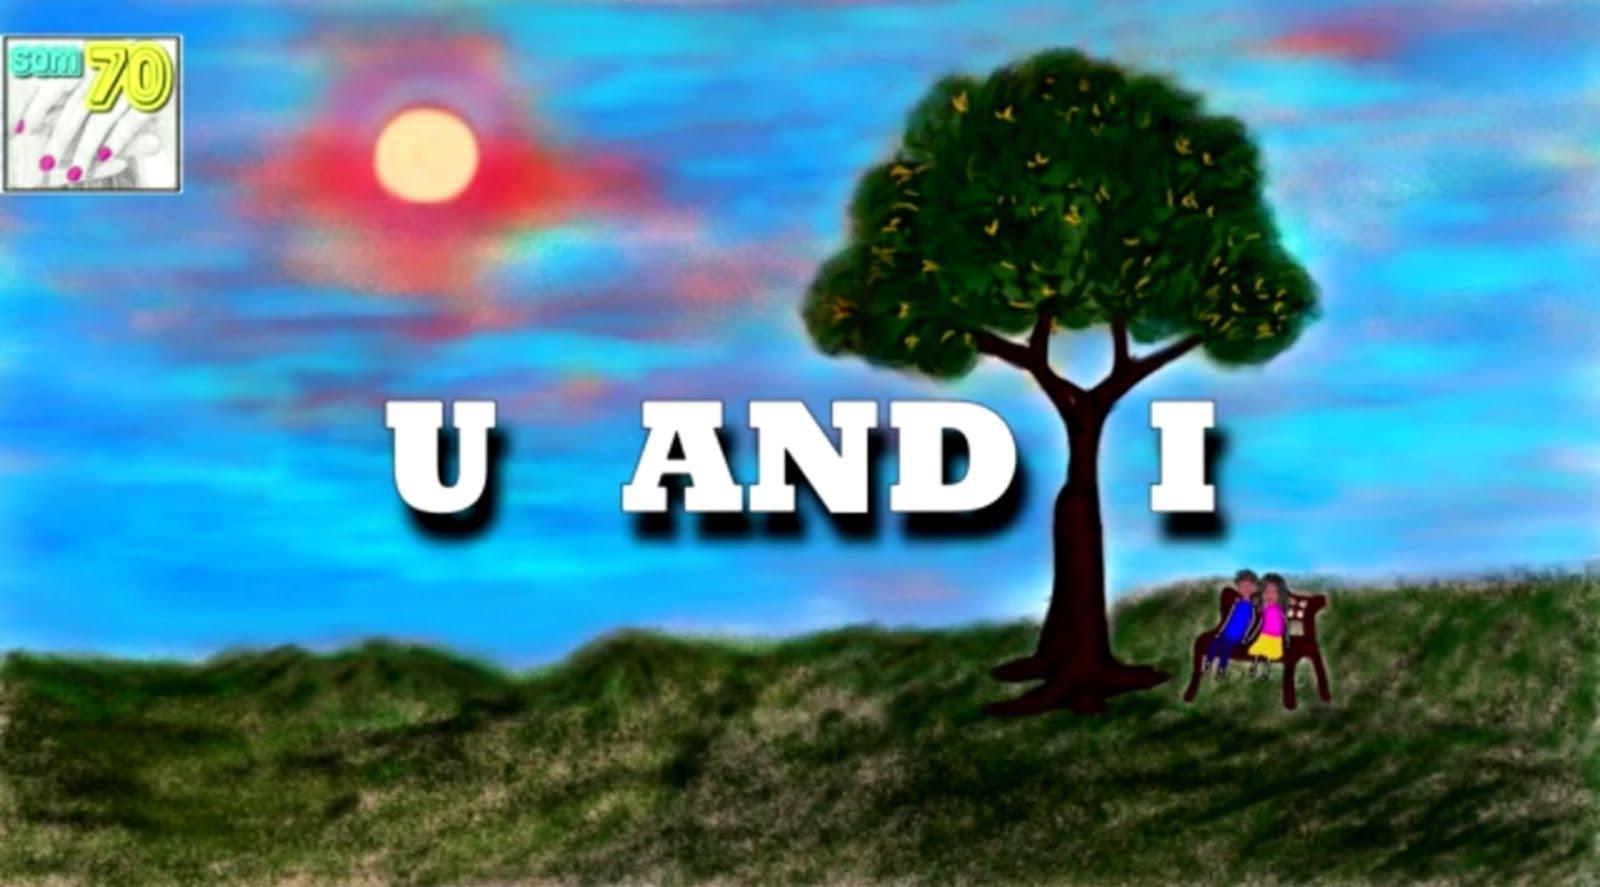 U and I original song